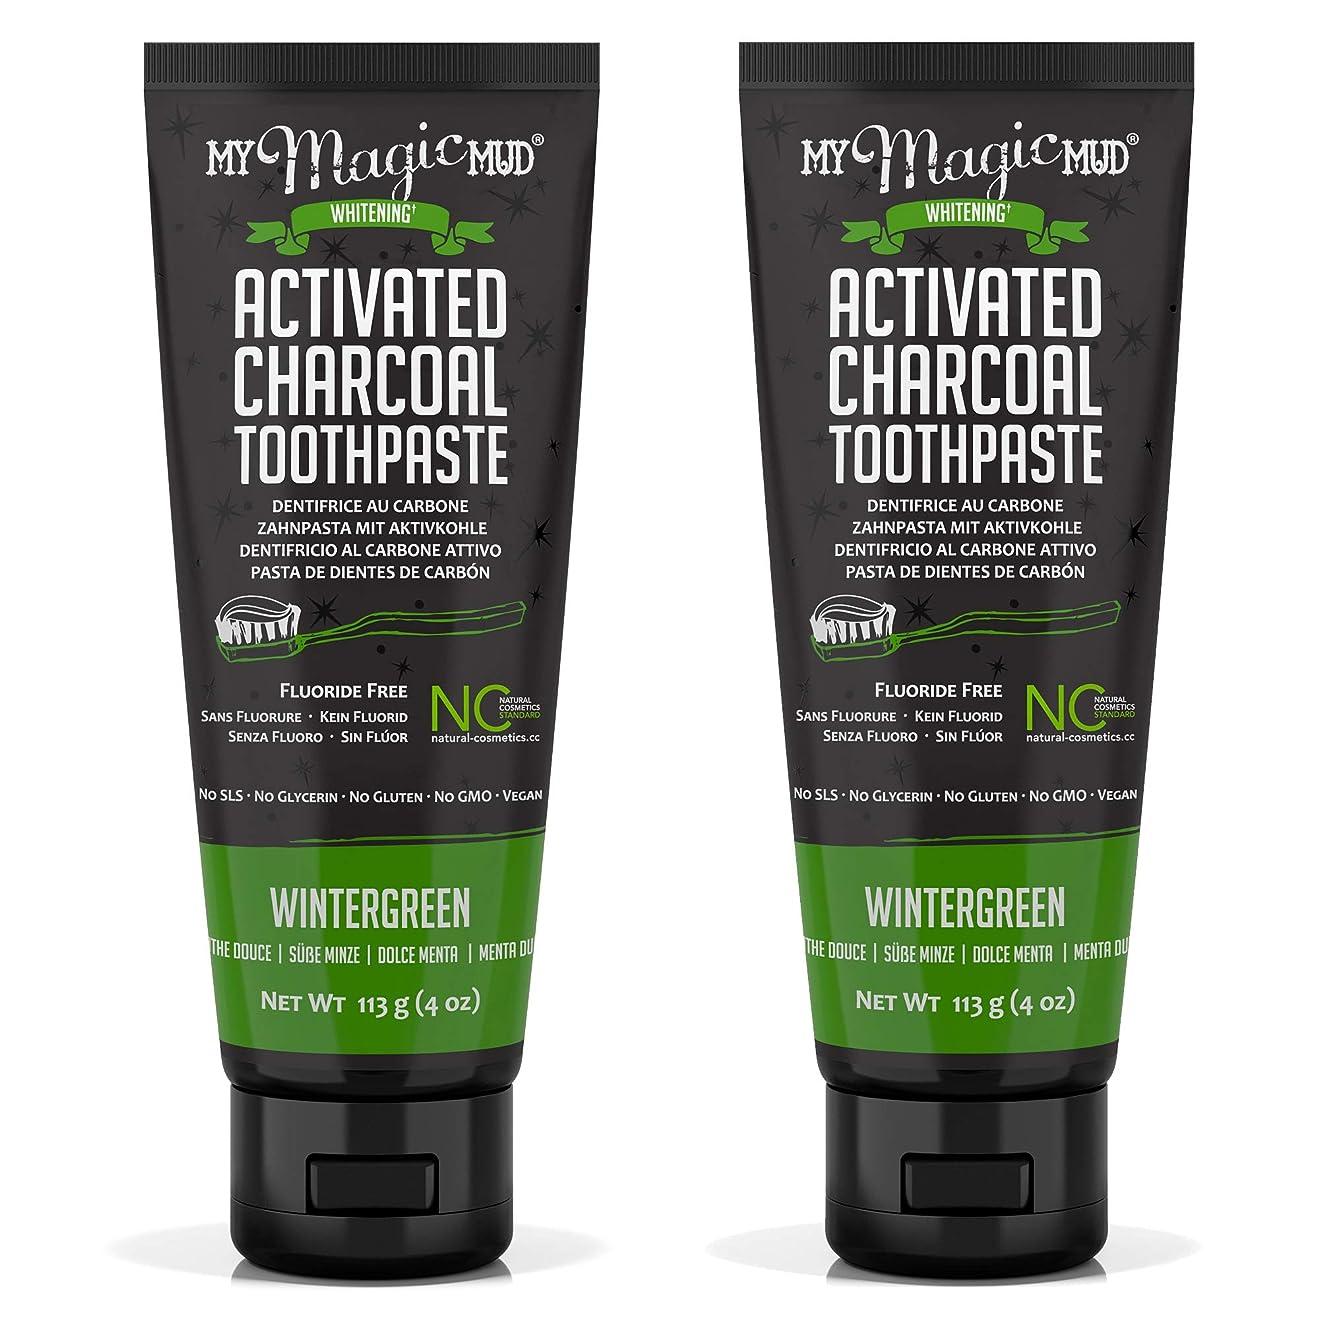 証書地中海代替My Magic Mud Activated Charcoal Toothpaste (Fluoride-Free) - Wintergreen 113g/4oz並行輸入品